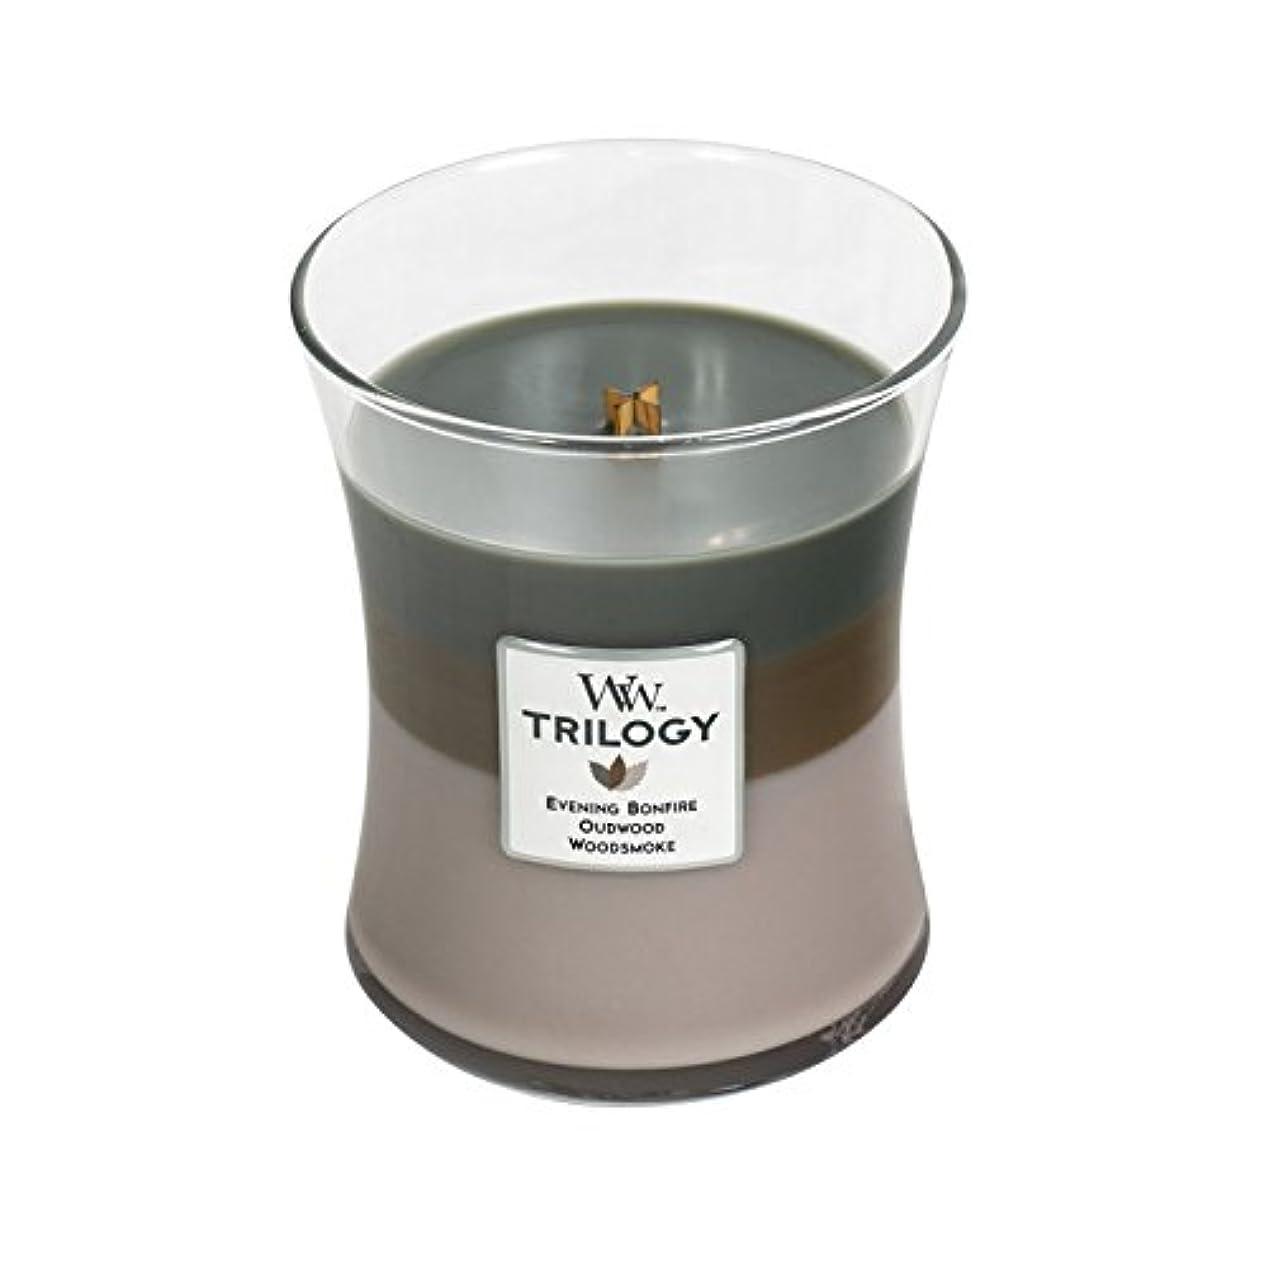 白鳥進化する強制Woodwick Trilogy Cozy Cabin、3 - in - 1 Highly Scented Candle、クラシック砂時計Jar、Medium 4インチ、9.7 Oz